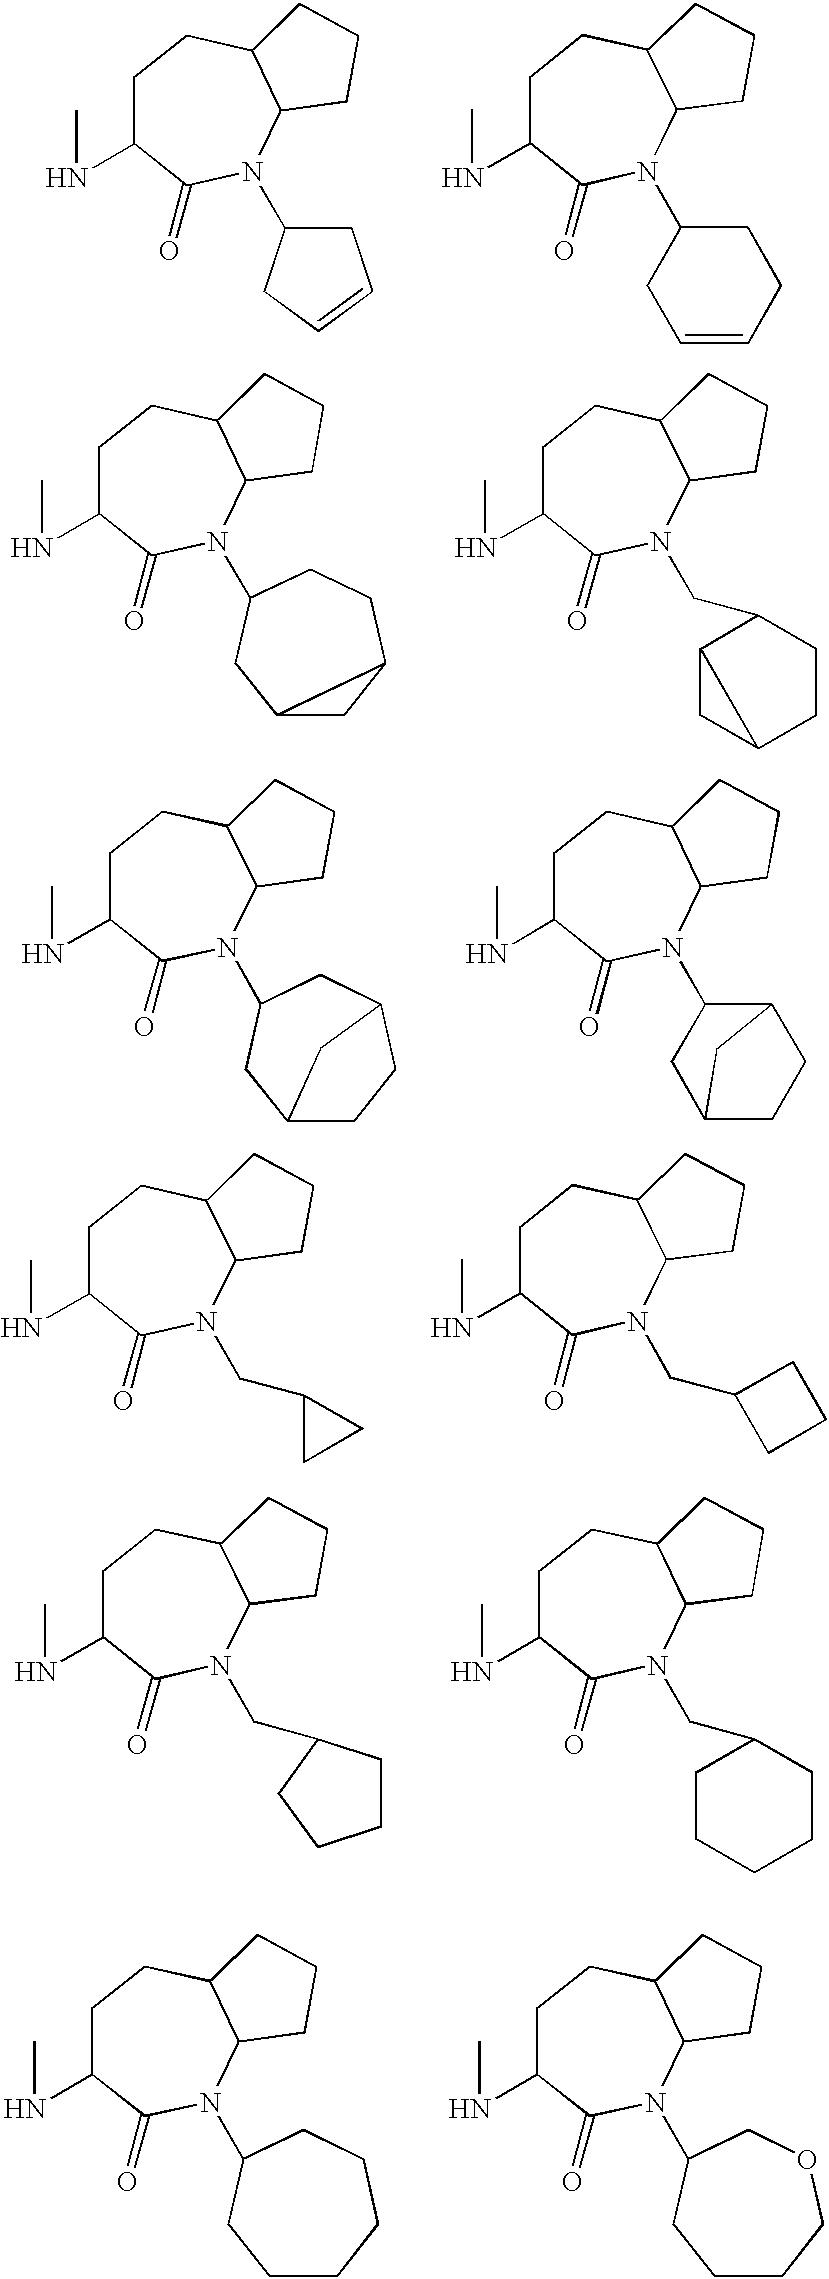 Figure US06509331-20030121-C00053